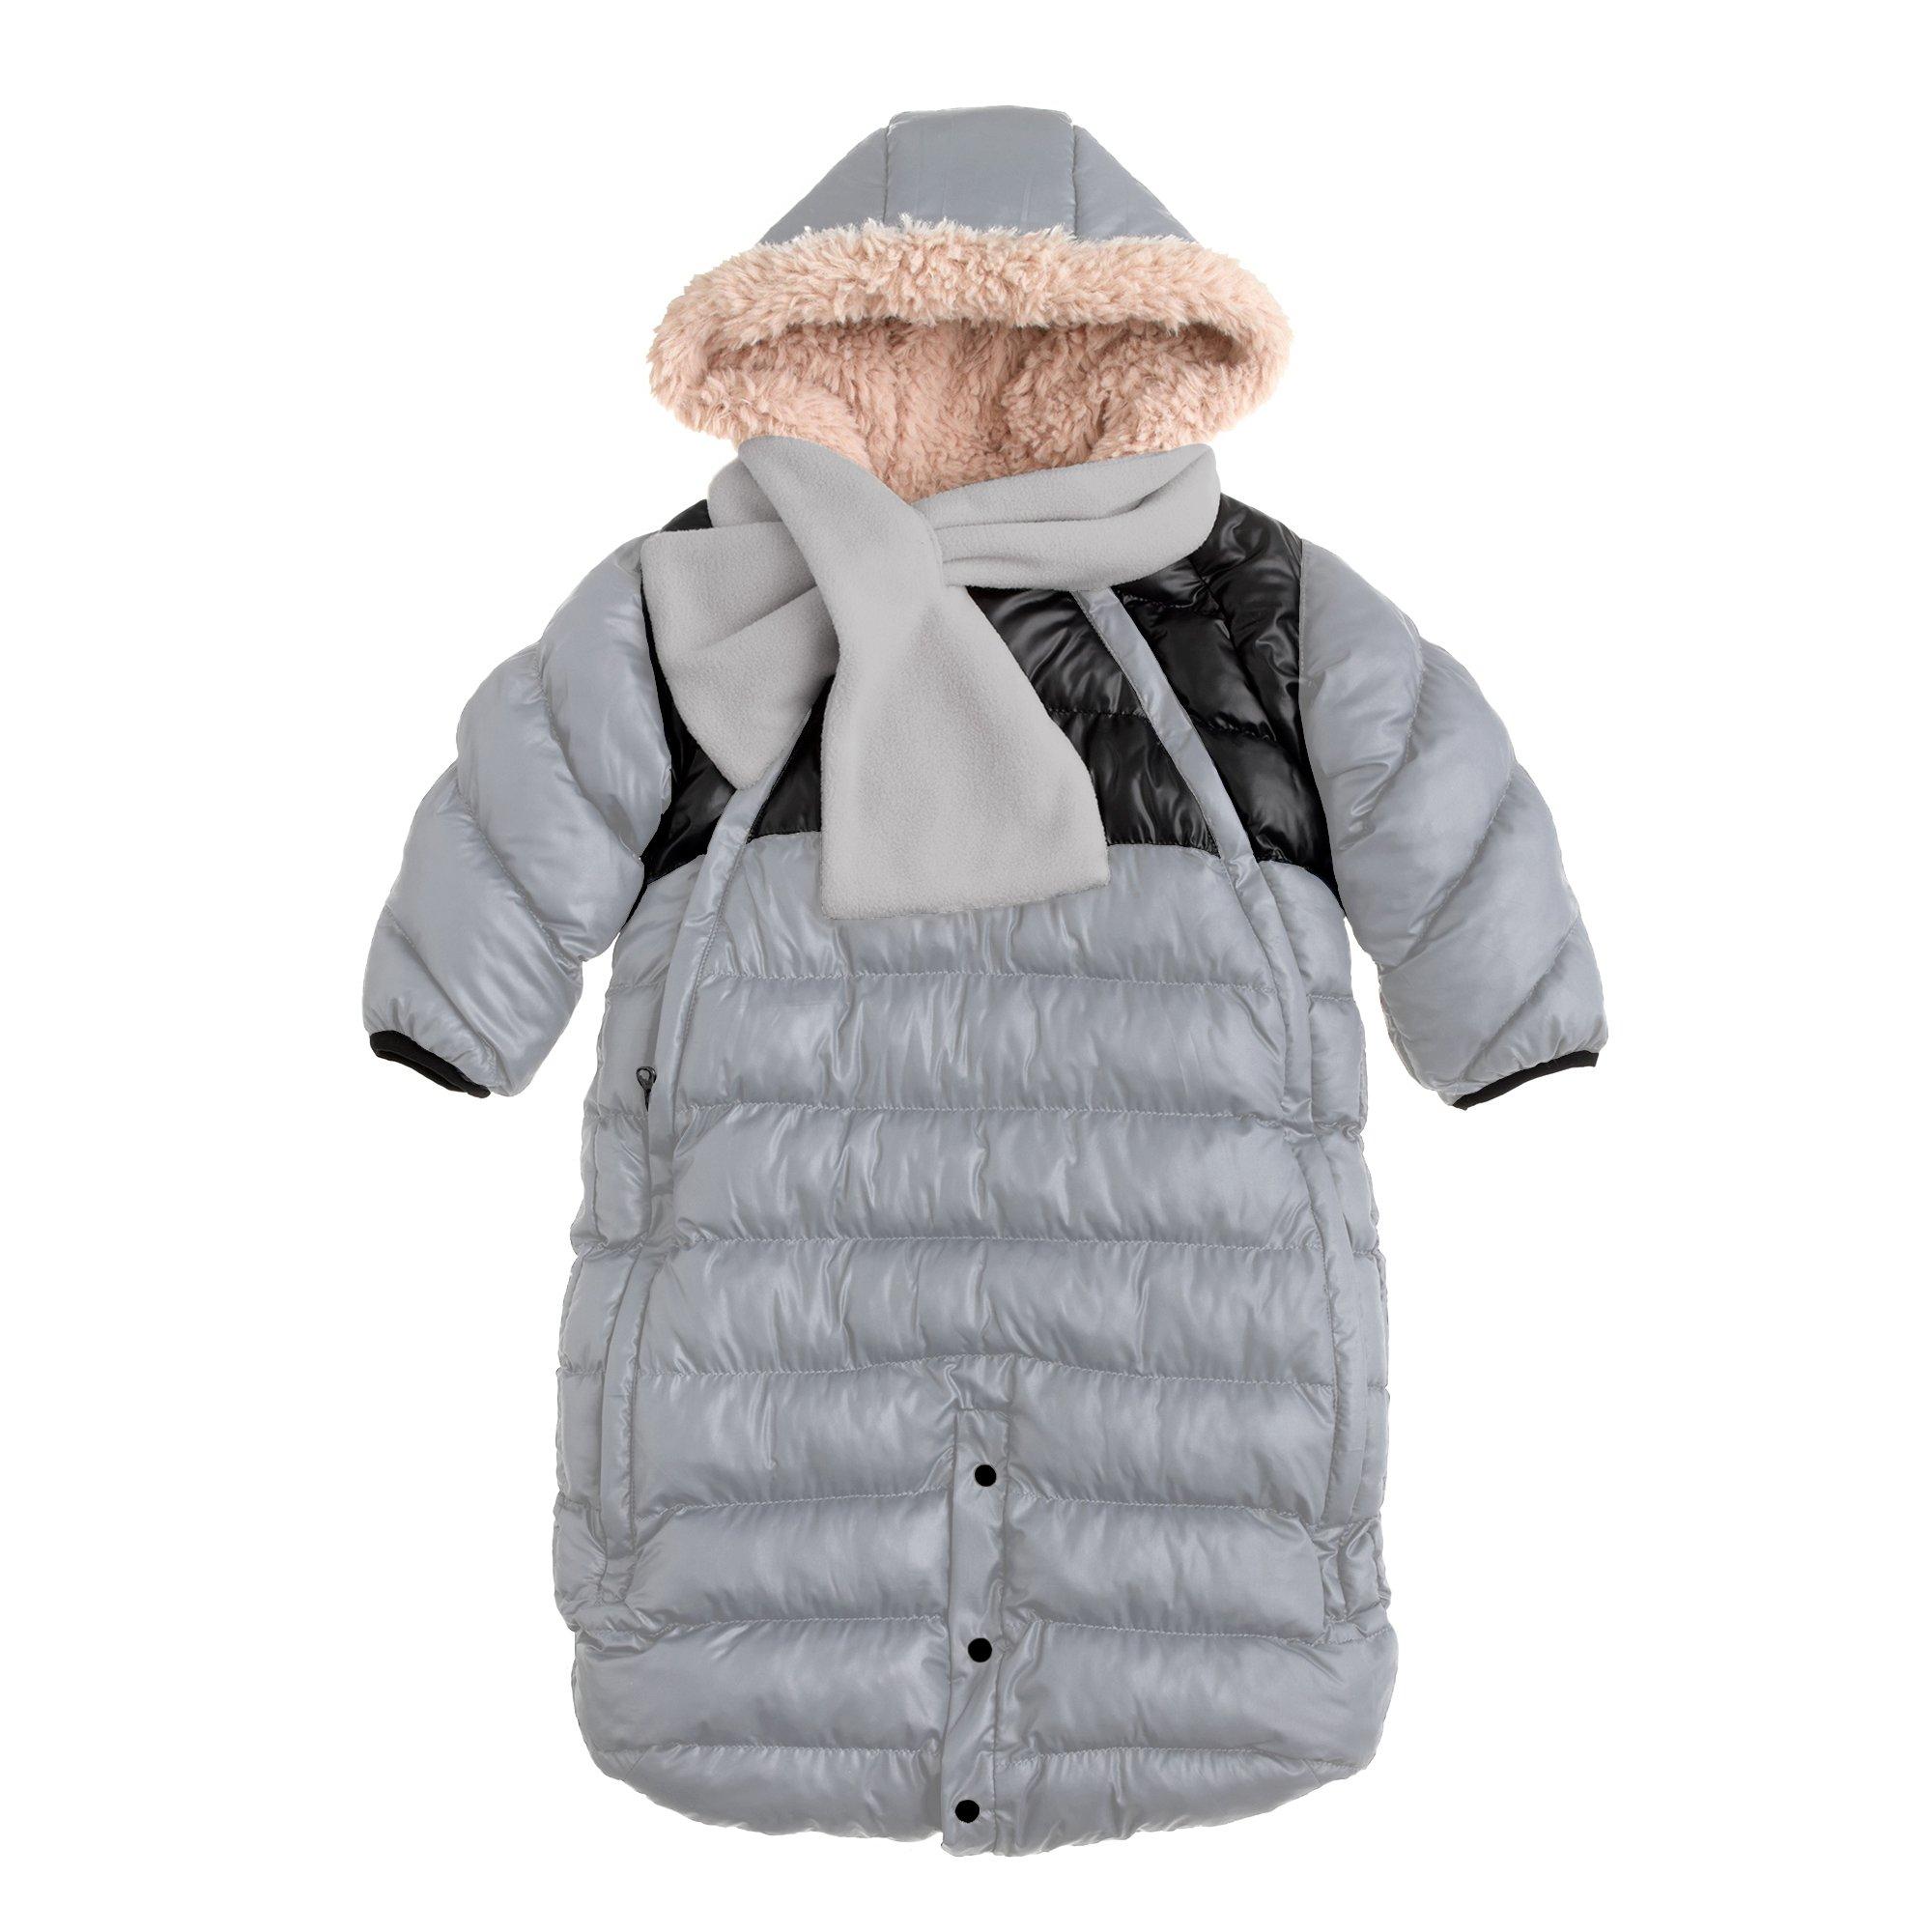 7AM Enfant Doudoune One Piece Infant Snowsuit Bunting, Gray/Black, Small